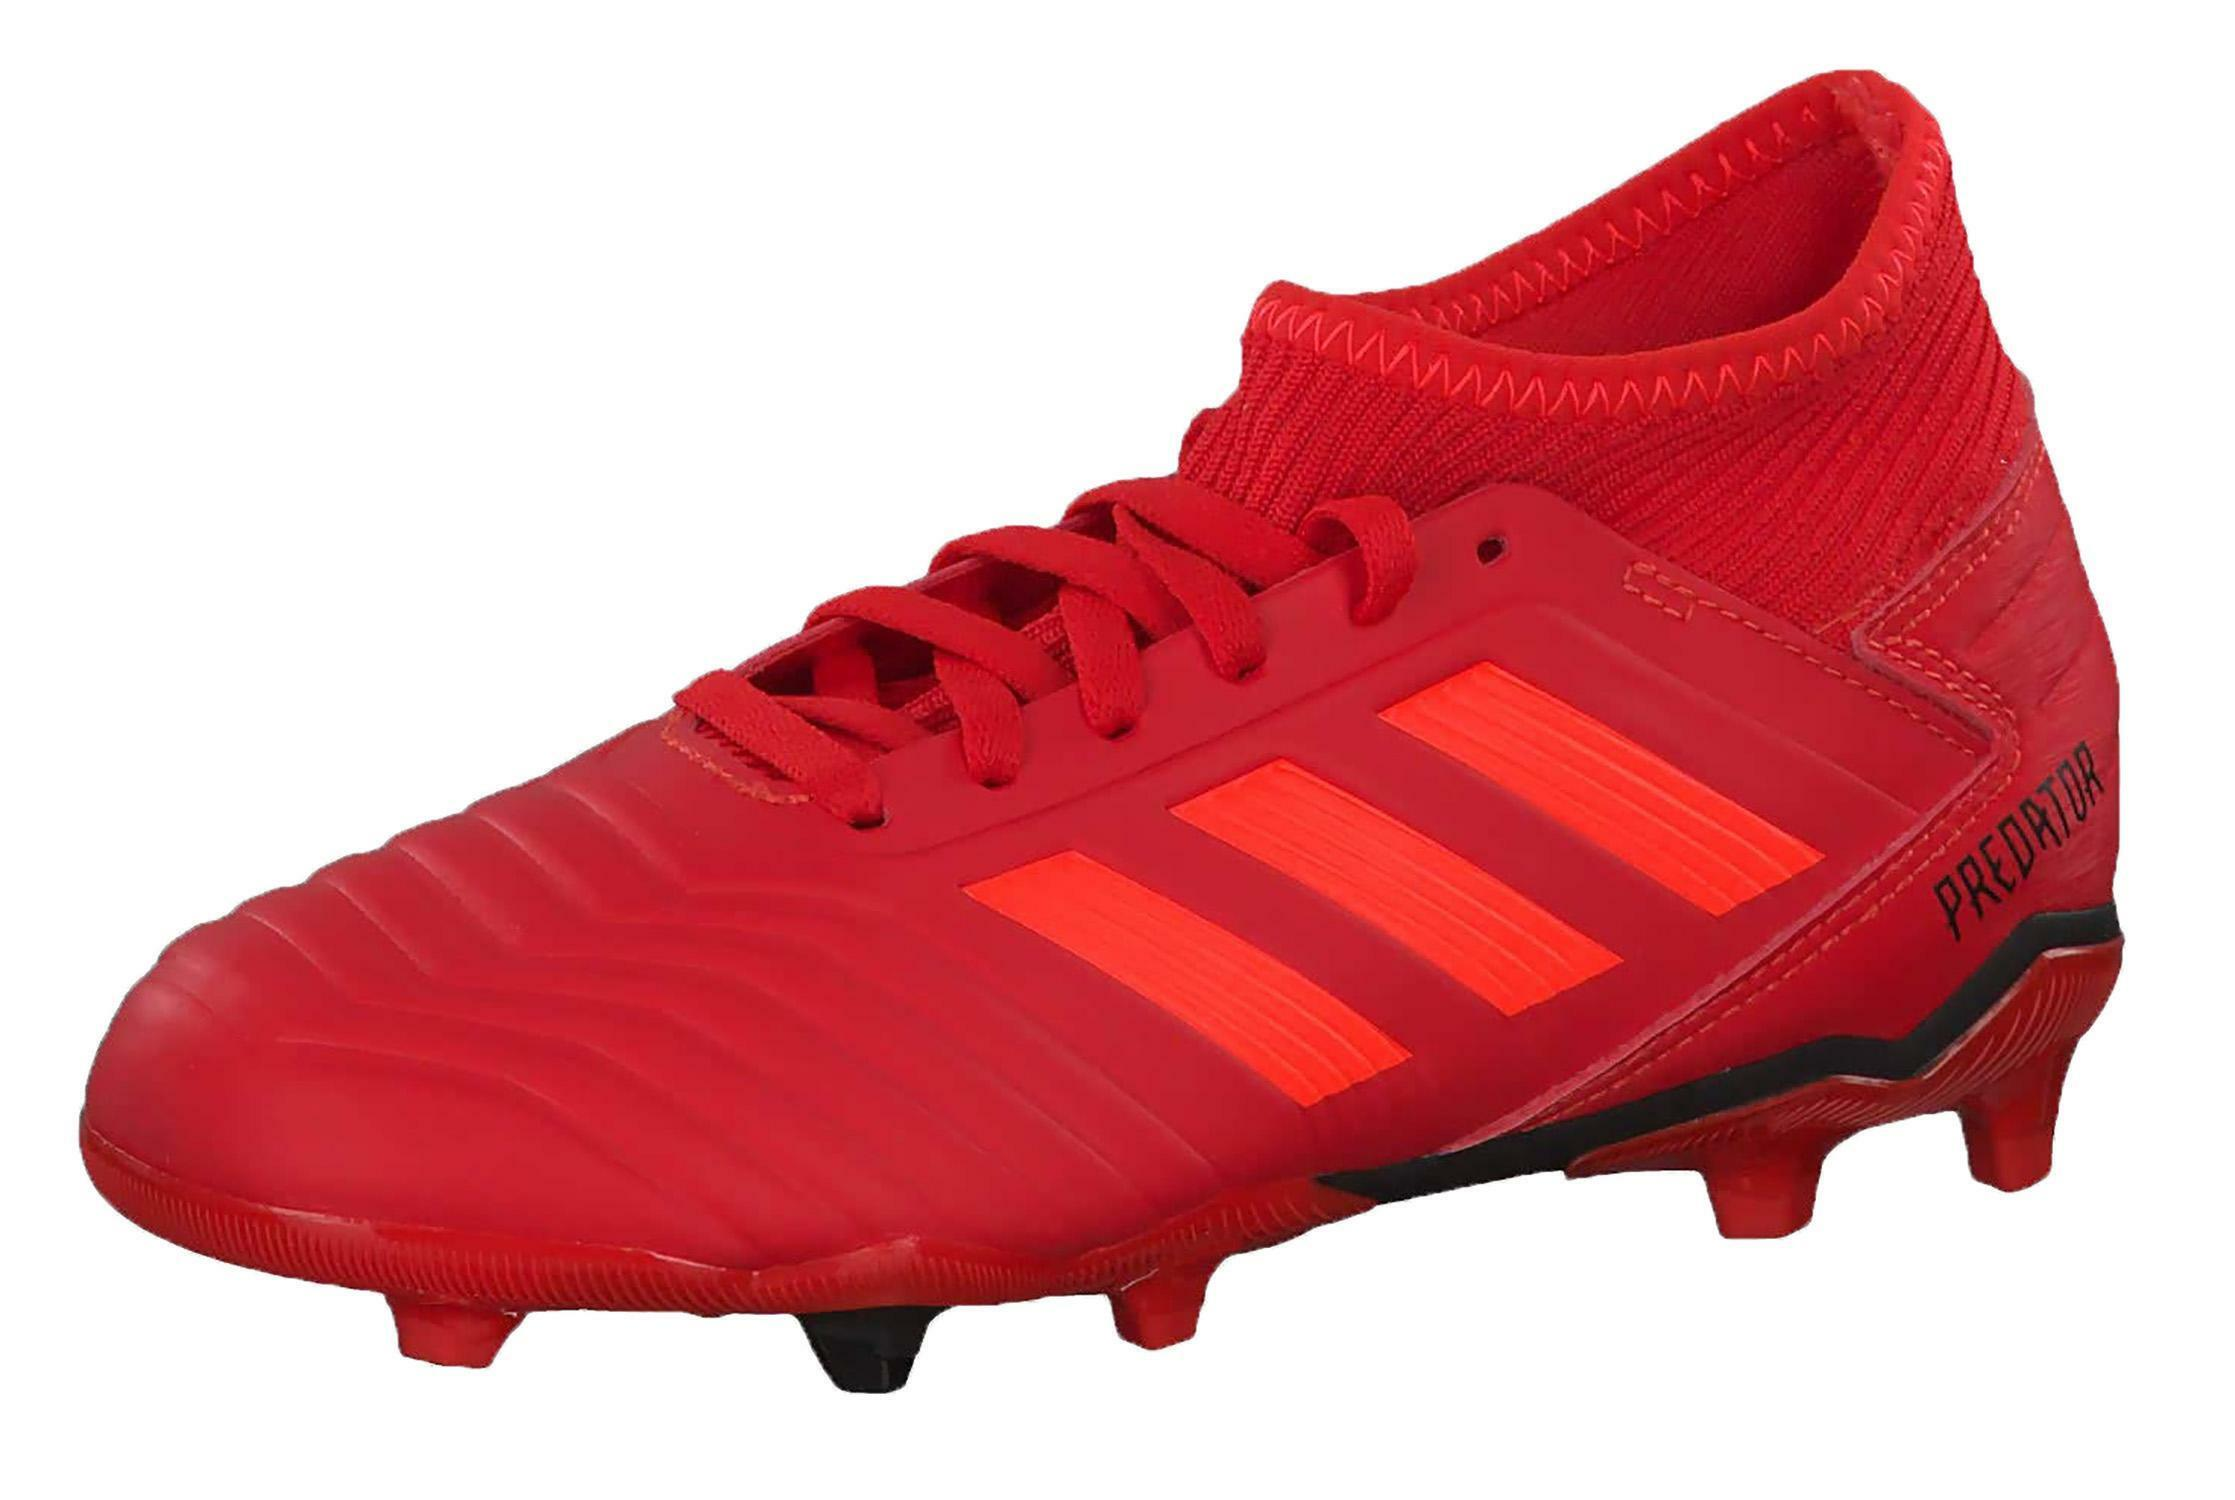 scarpe adidas calcio rosse